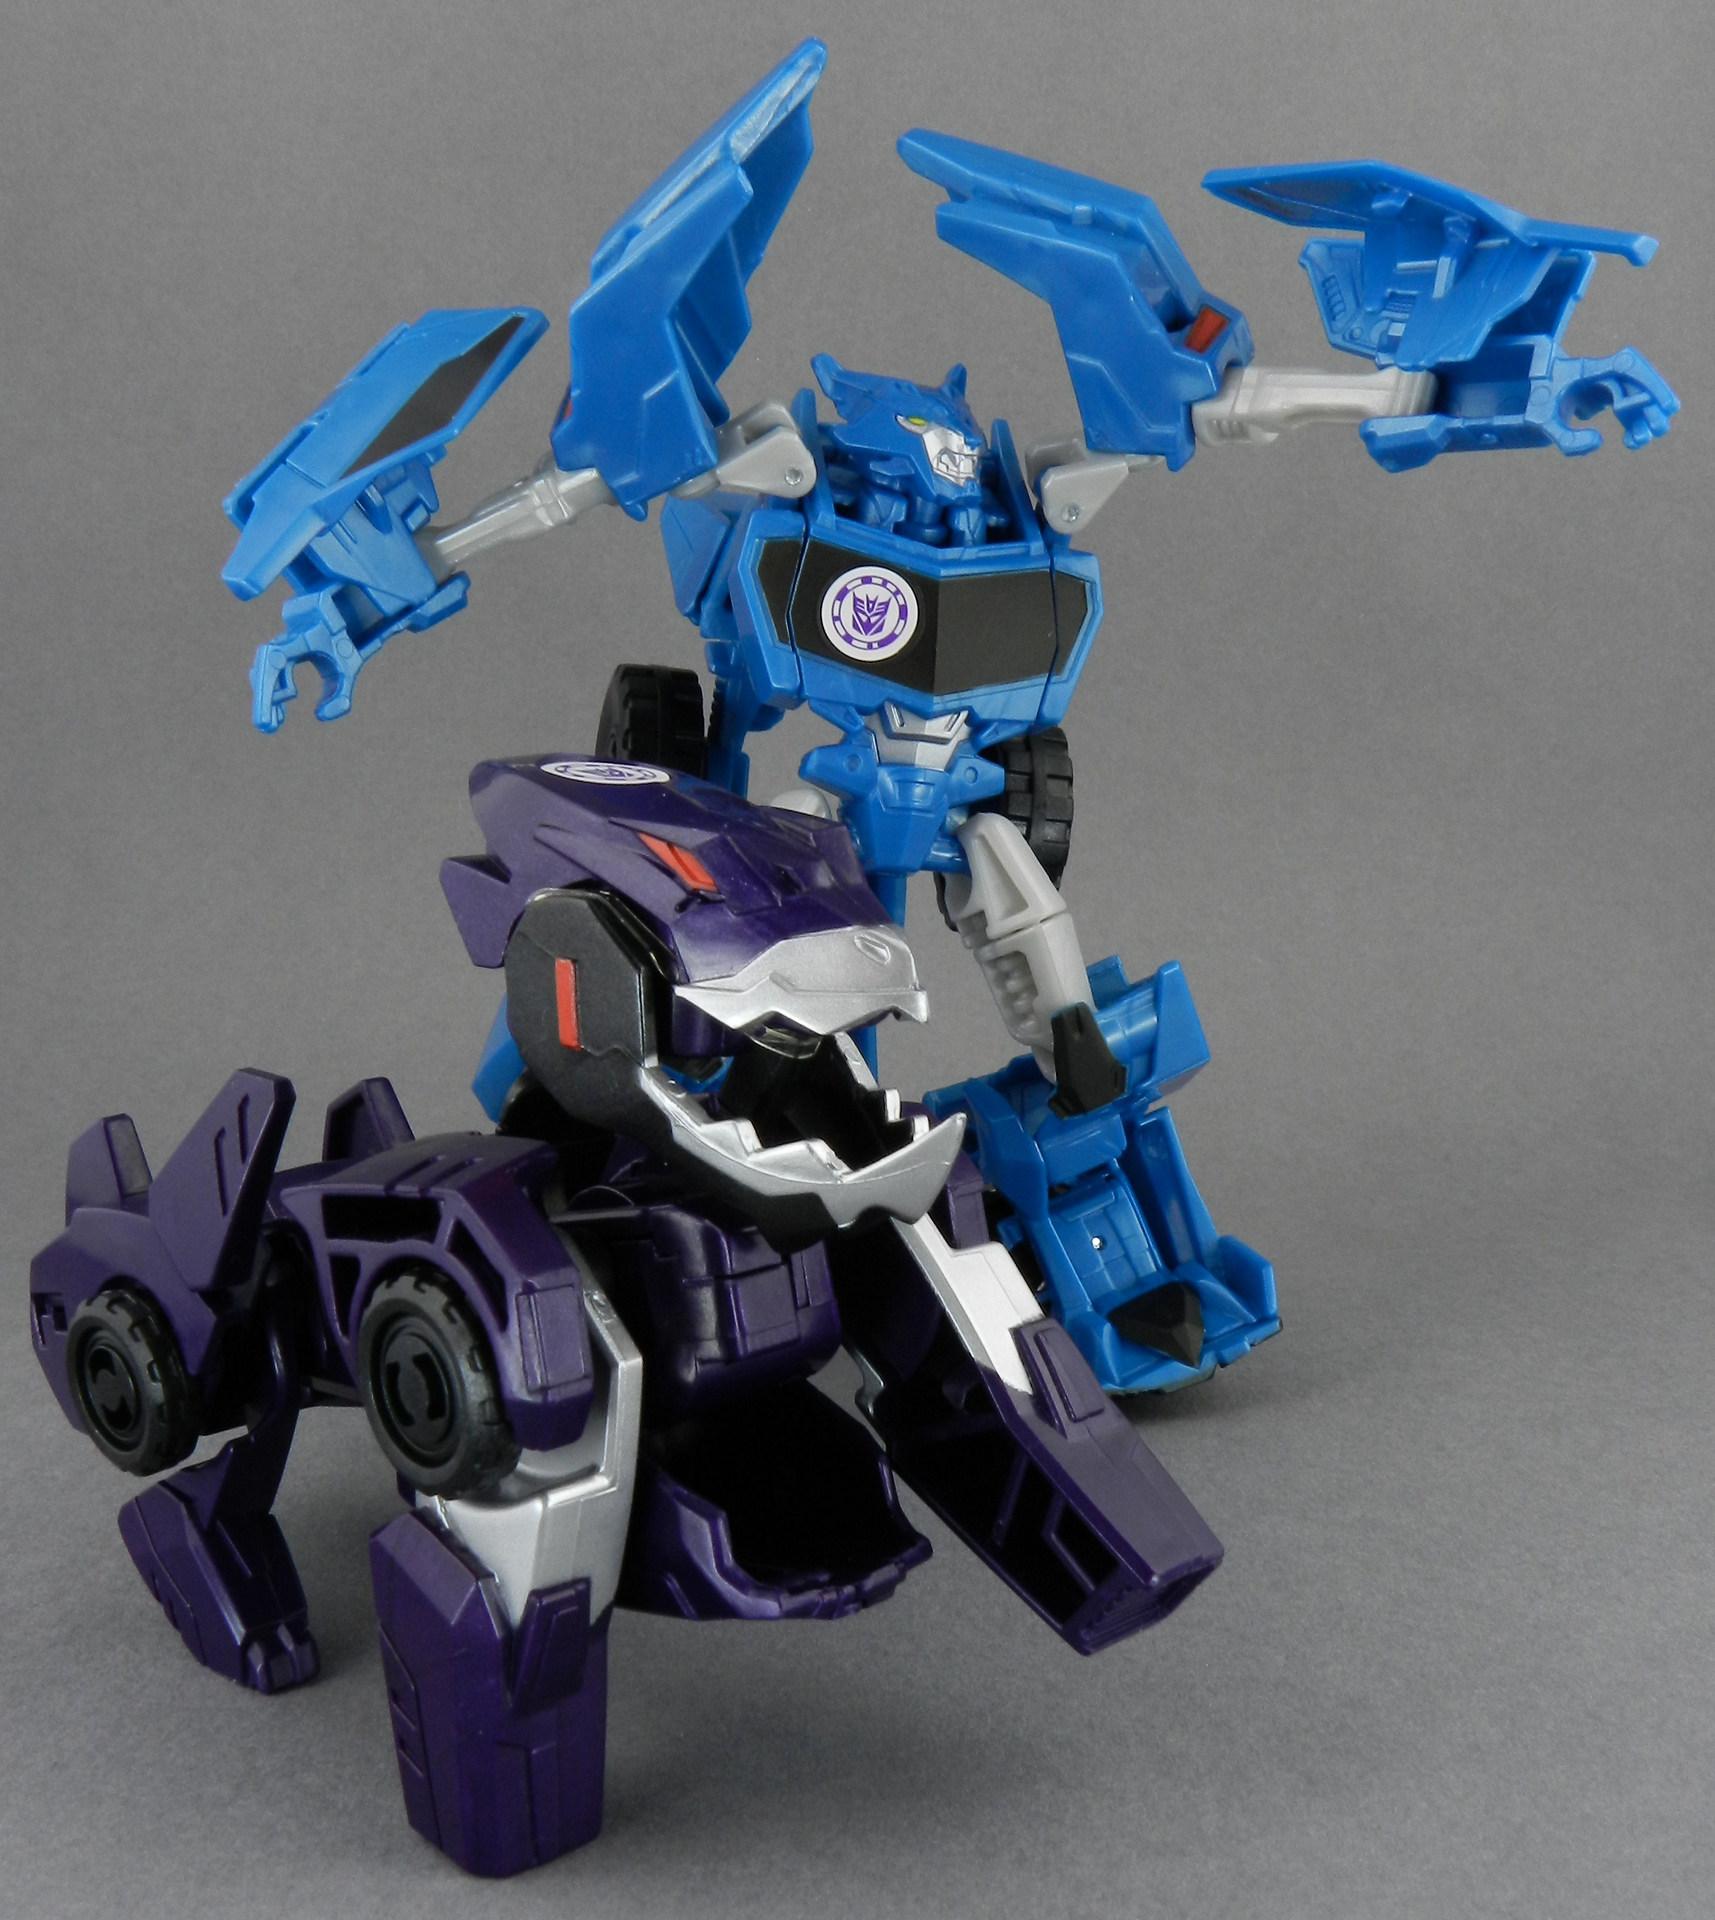 Underbite-with-Steeljaw-Robot_1425225166